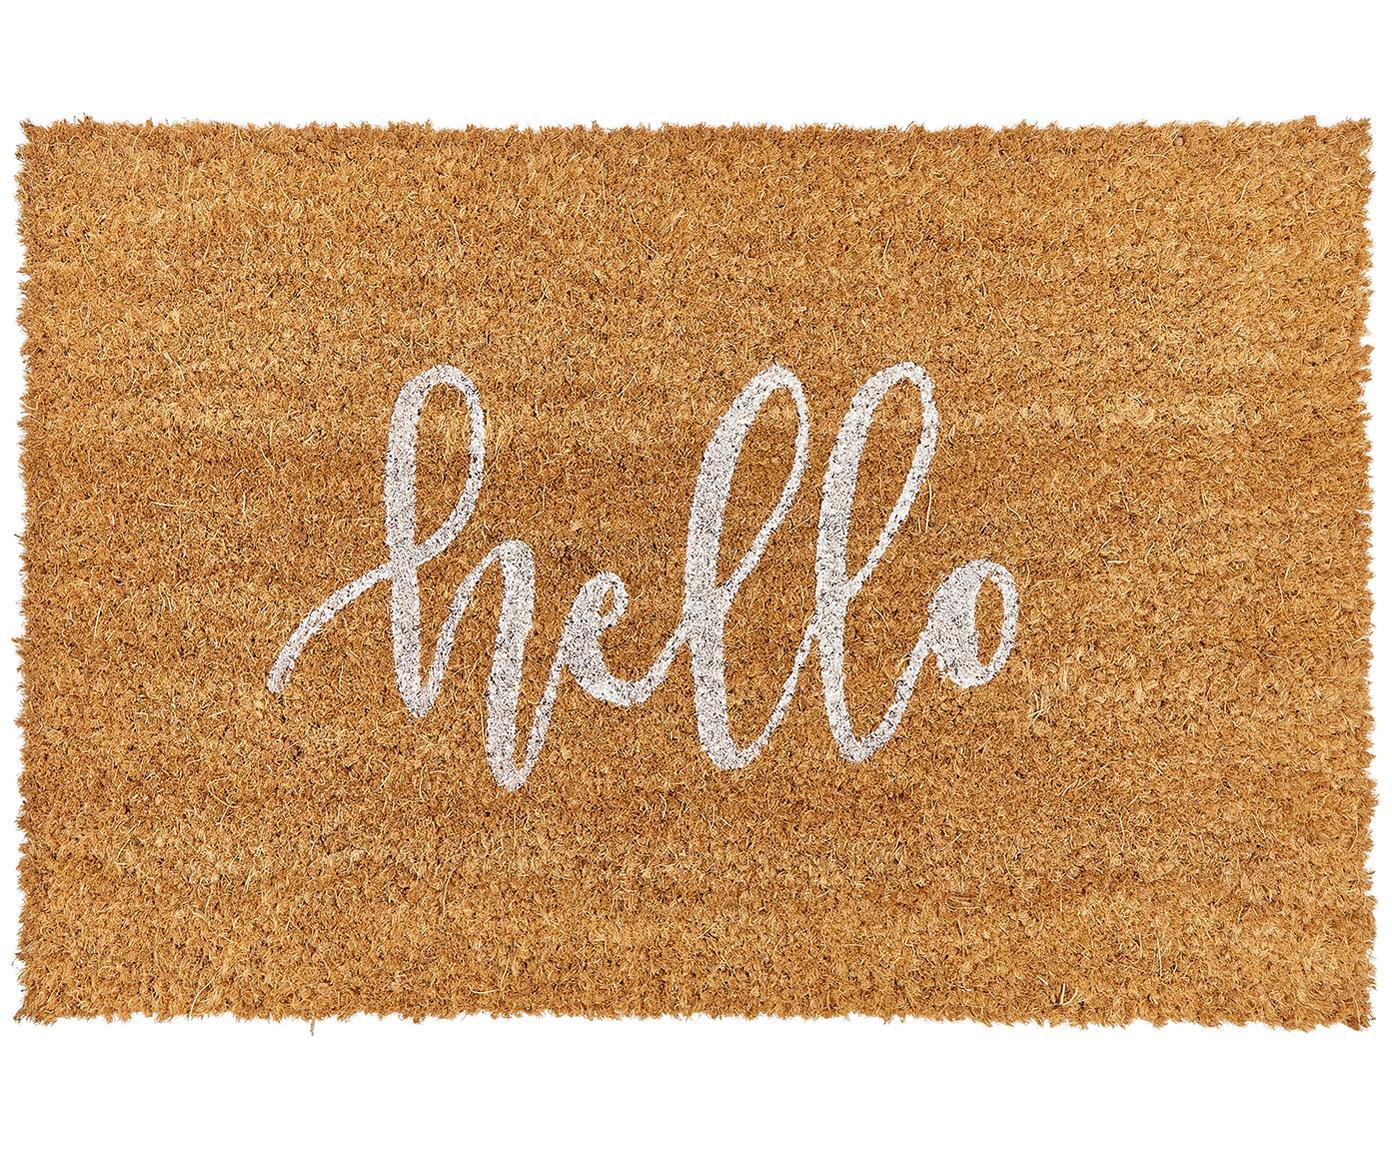 Deurmat Hello, Bovenzijde: kokosvezels, Onderzijde: kunststof (PVC), Bovenzijde: beige, wit. Onderzijde: zwart, 40 x 60 cm